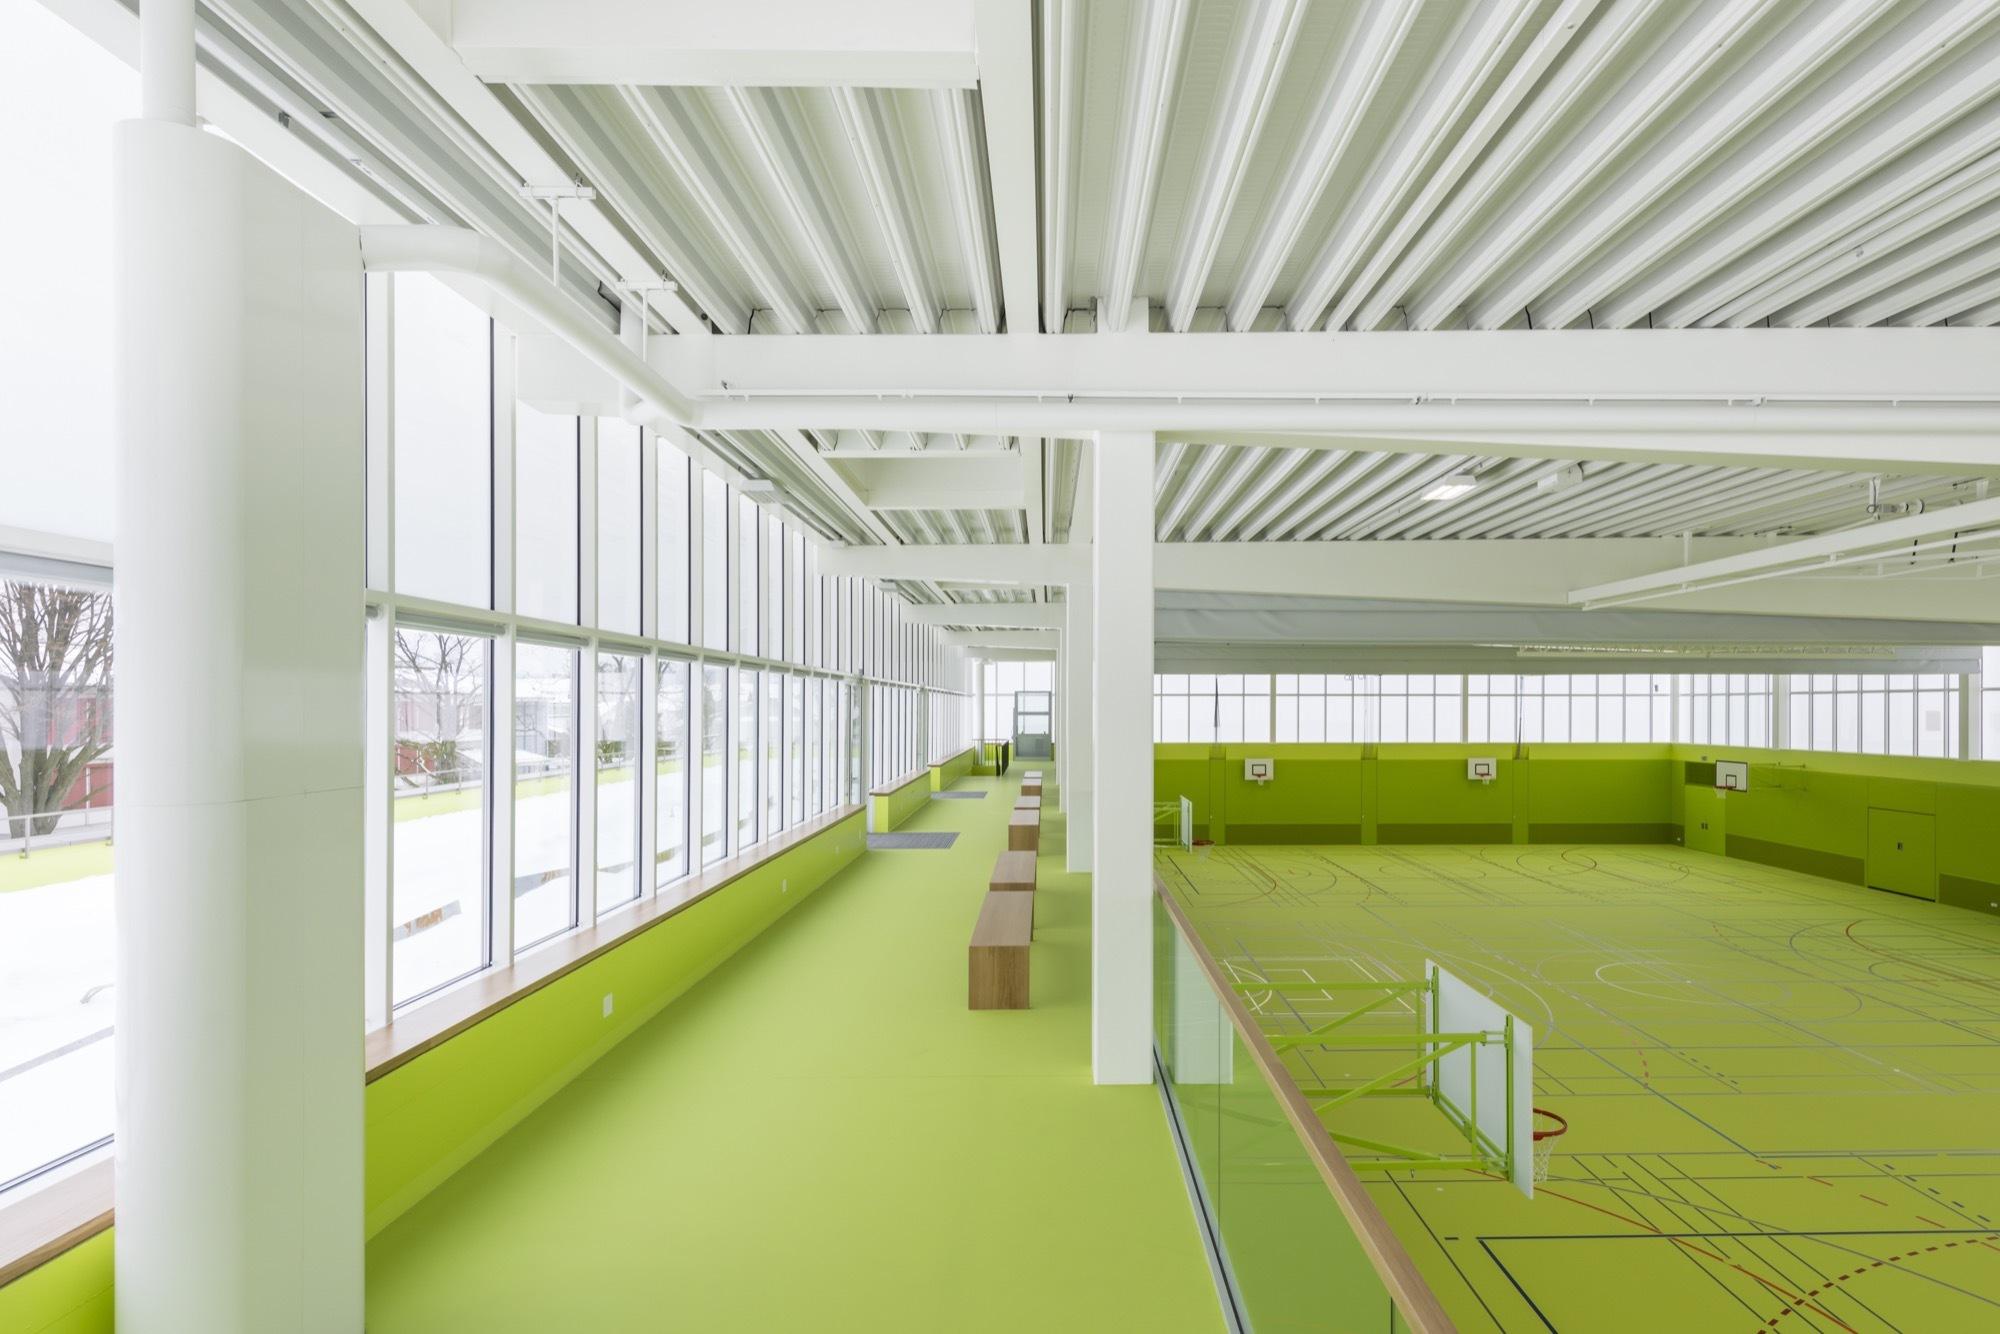 Gallery of Neumatt Sports Center  Evolution Design  4